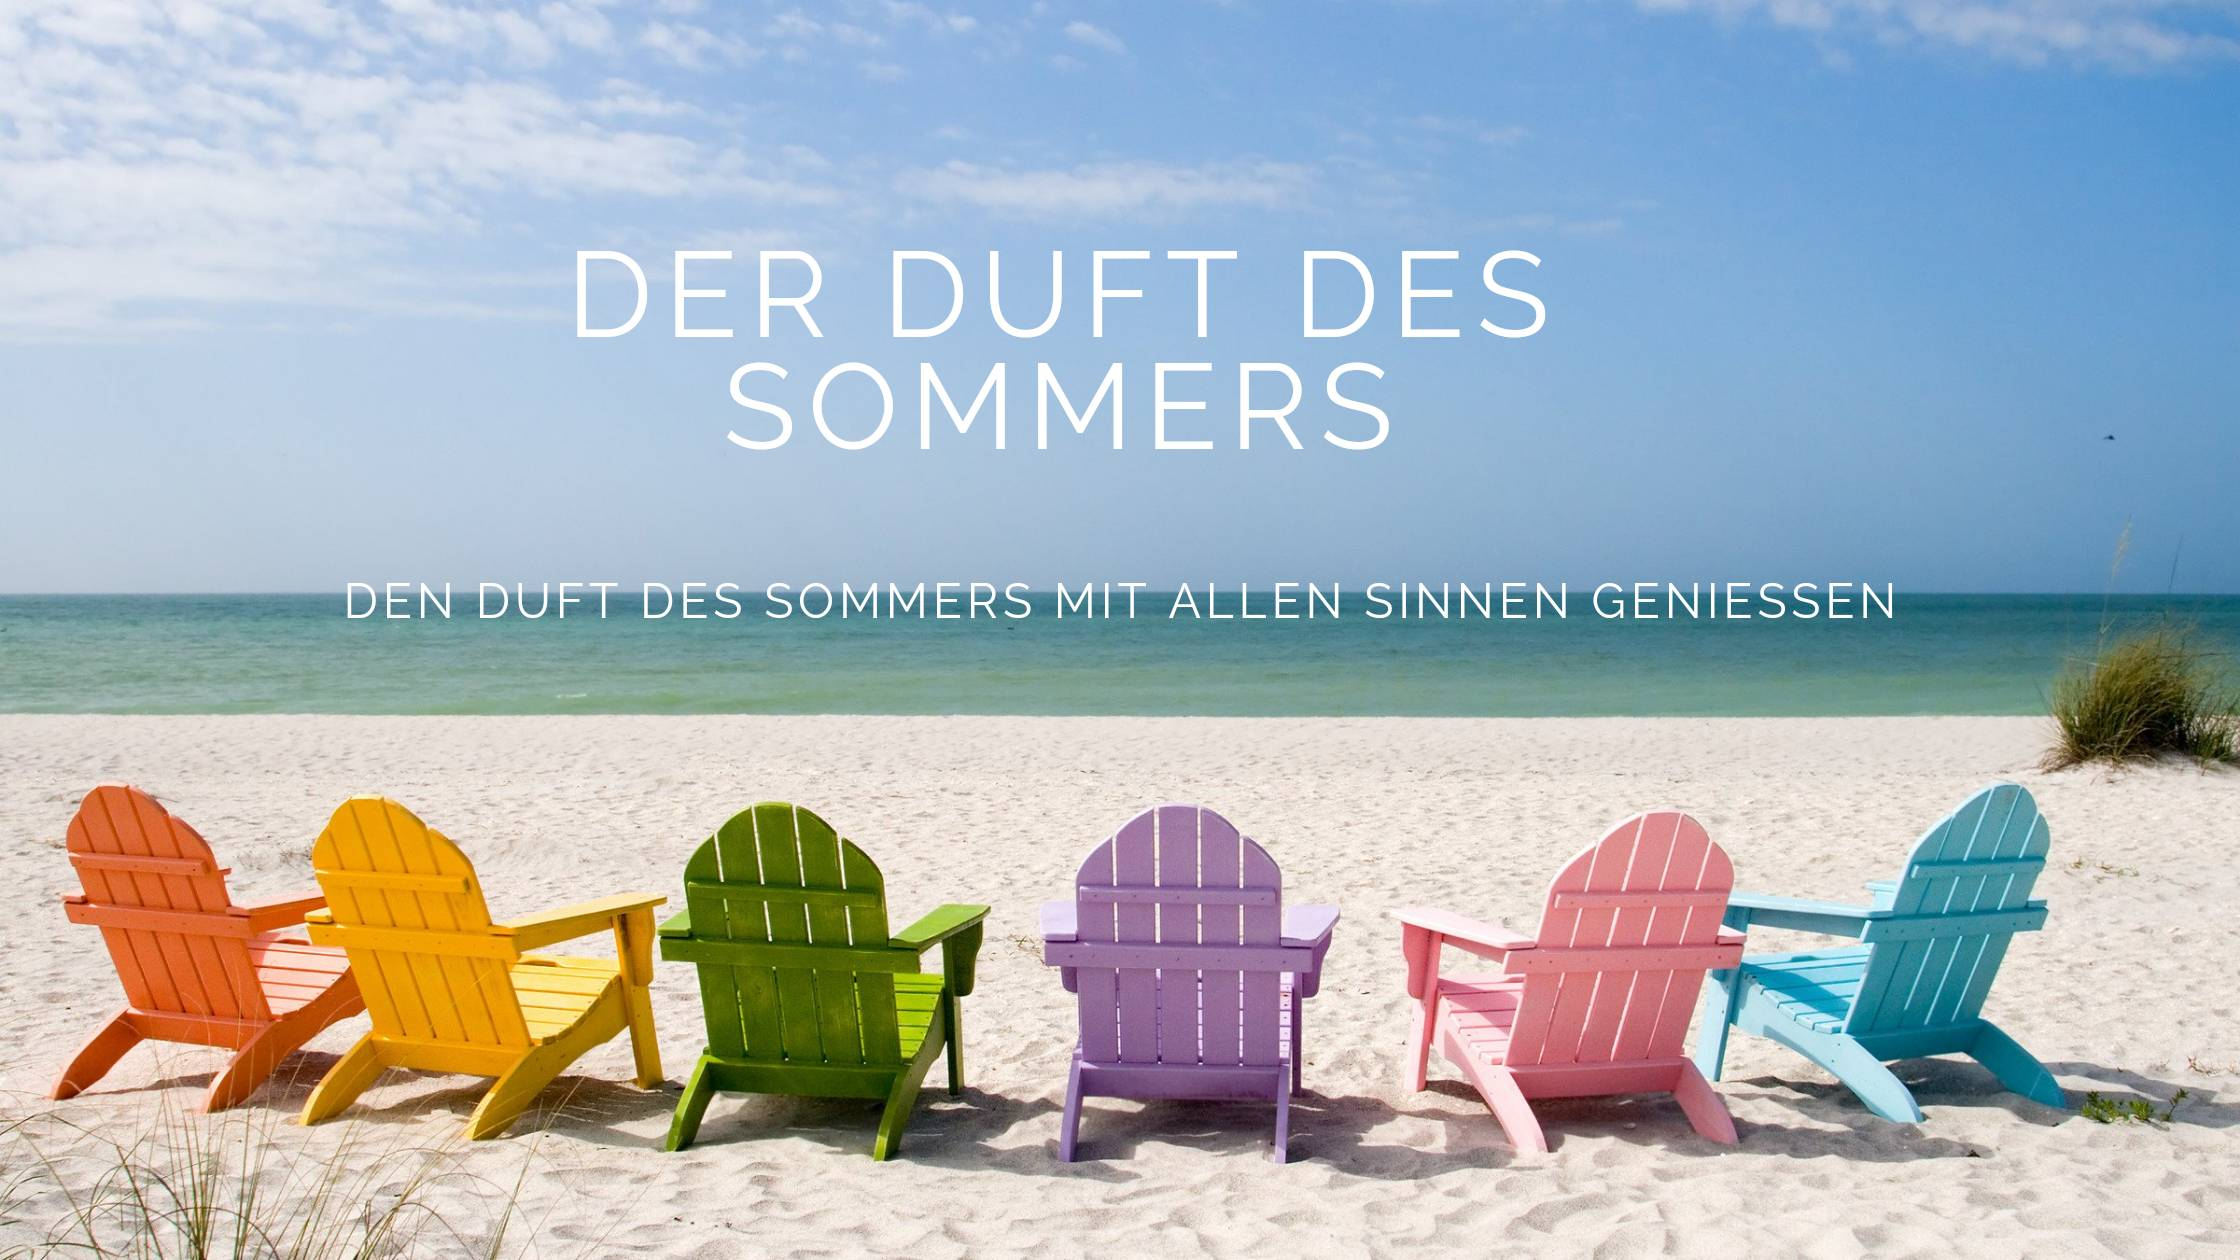 Strand Sommer Schrift: Der Duft des Sommers